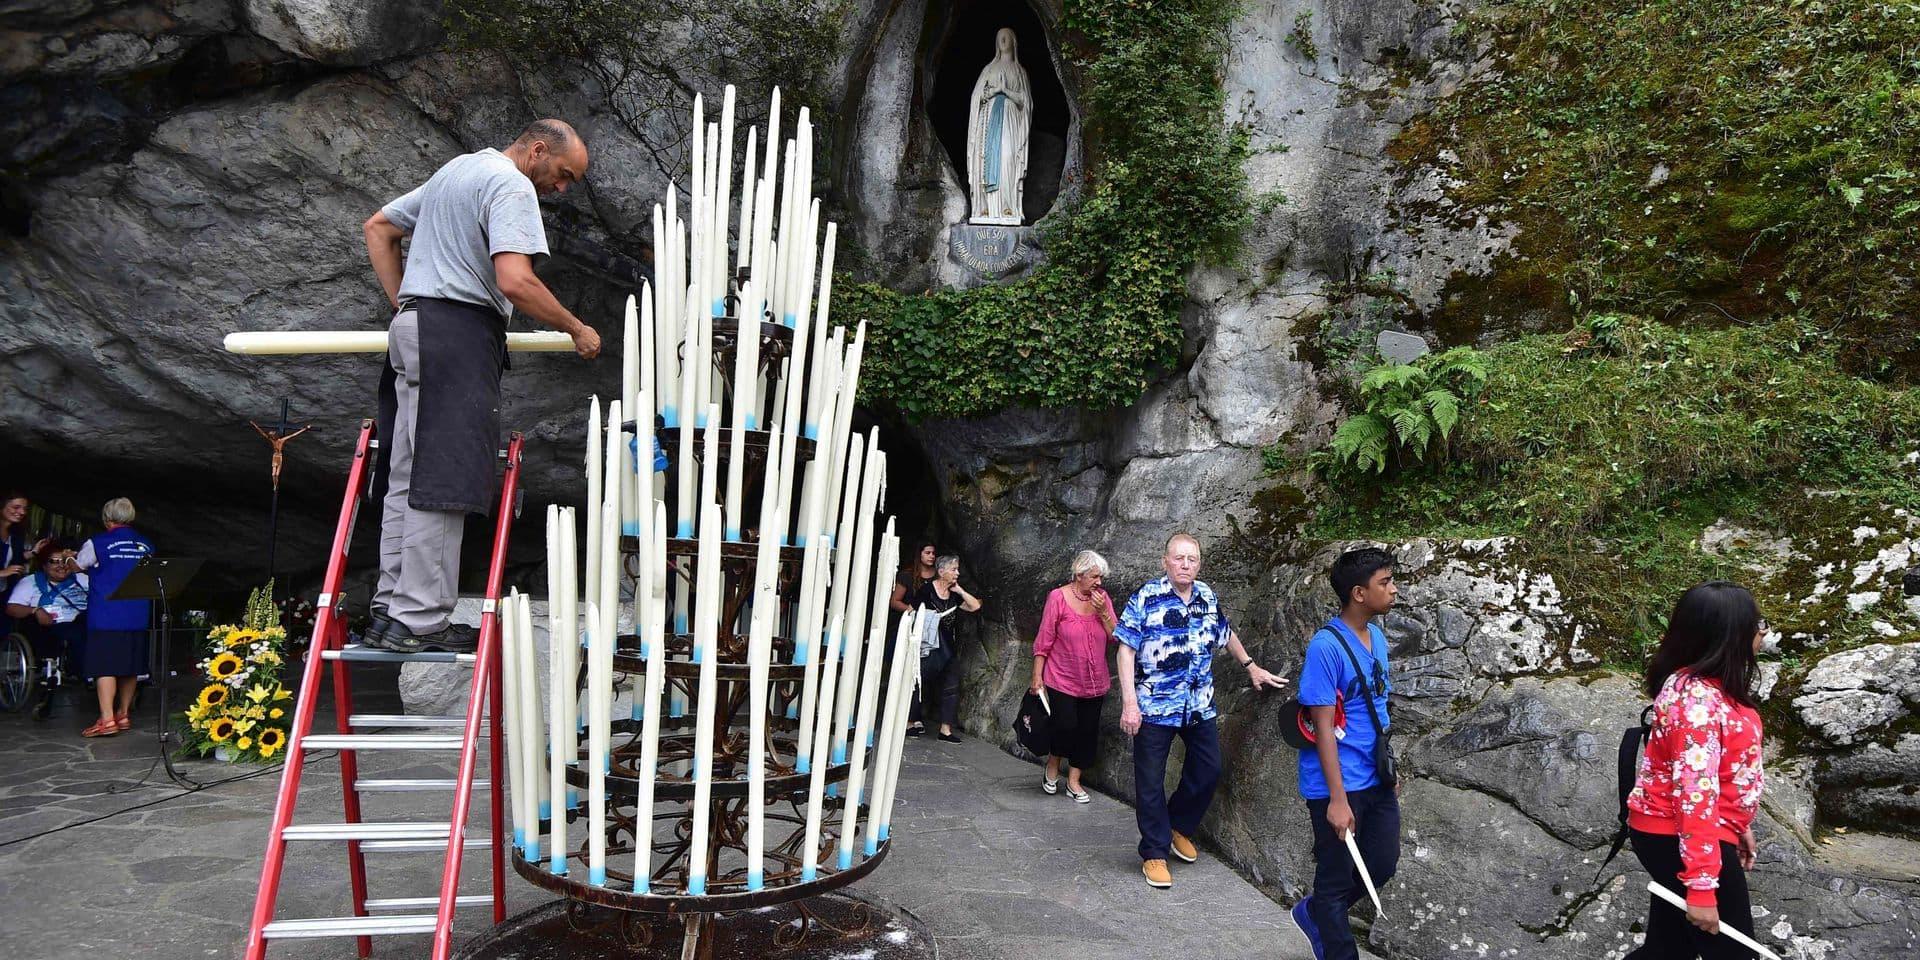 """La femme qui s'était dénudée à Lourdes voulait """"incarner la Vierge"""" dans un geste politique (PHOTO)"""